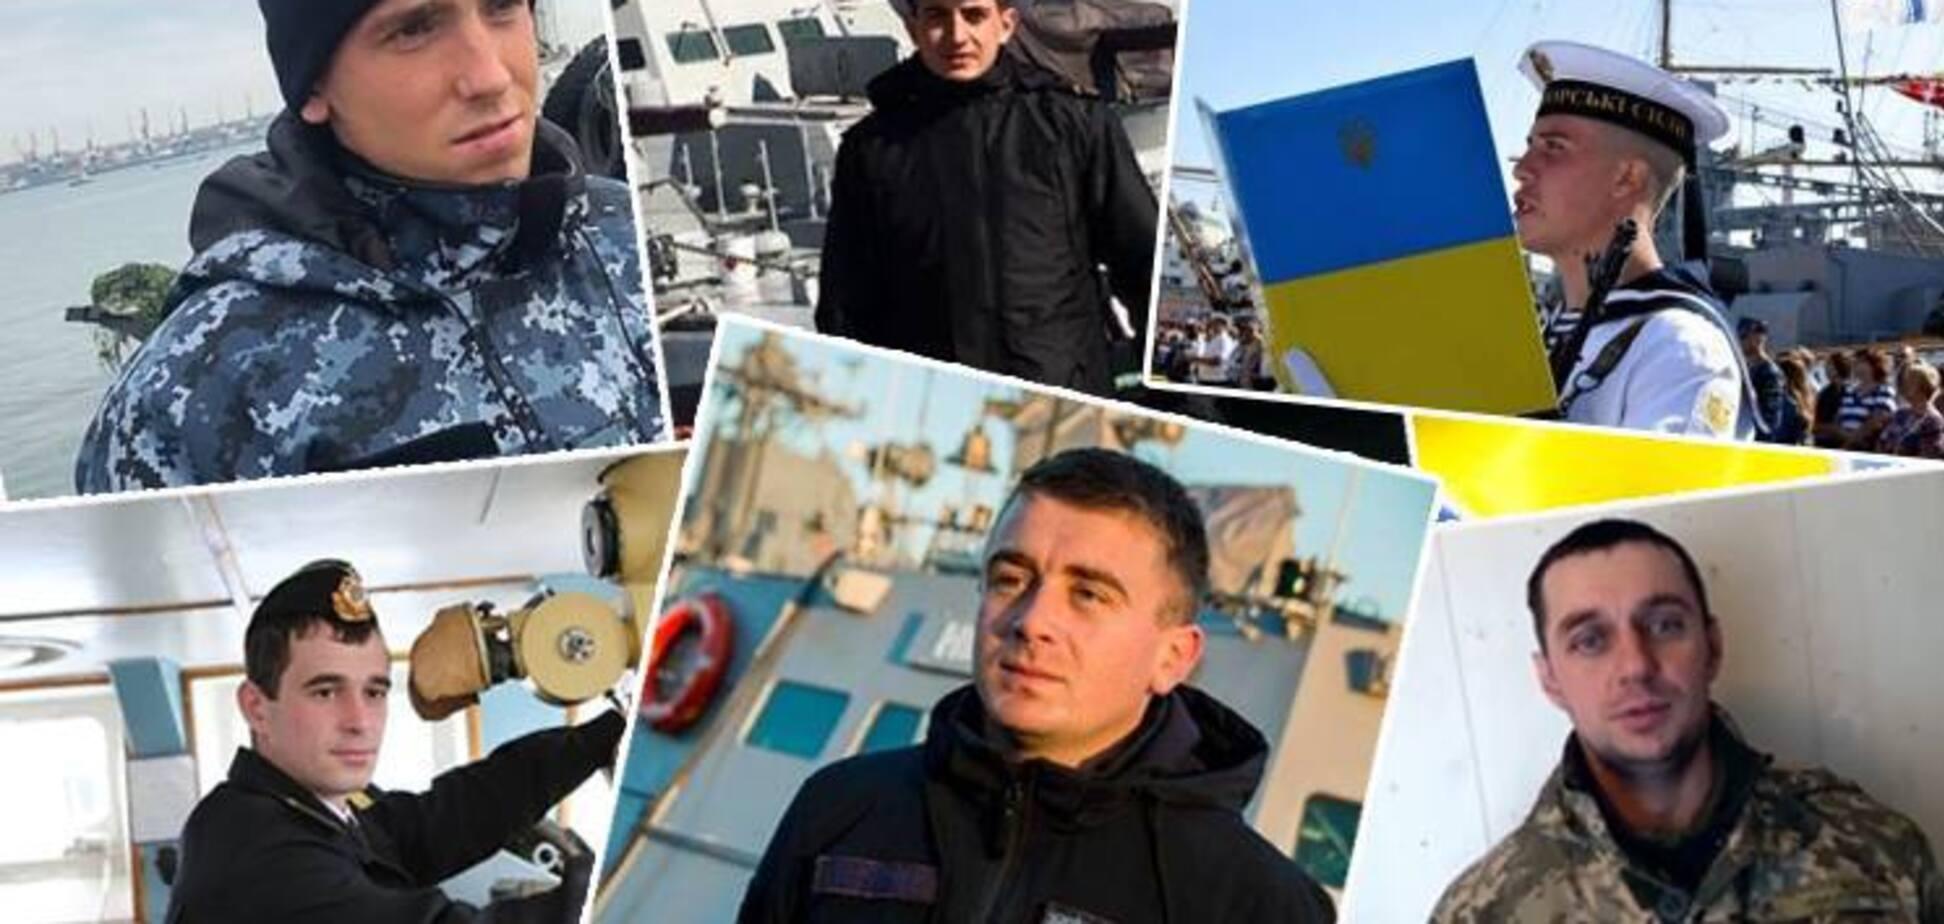 ''Даже зэки уважают'': стало известно о положении украинских военнопленных в Крыму